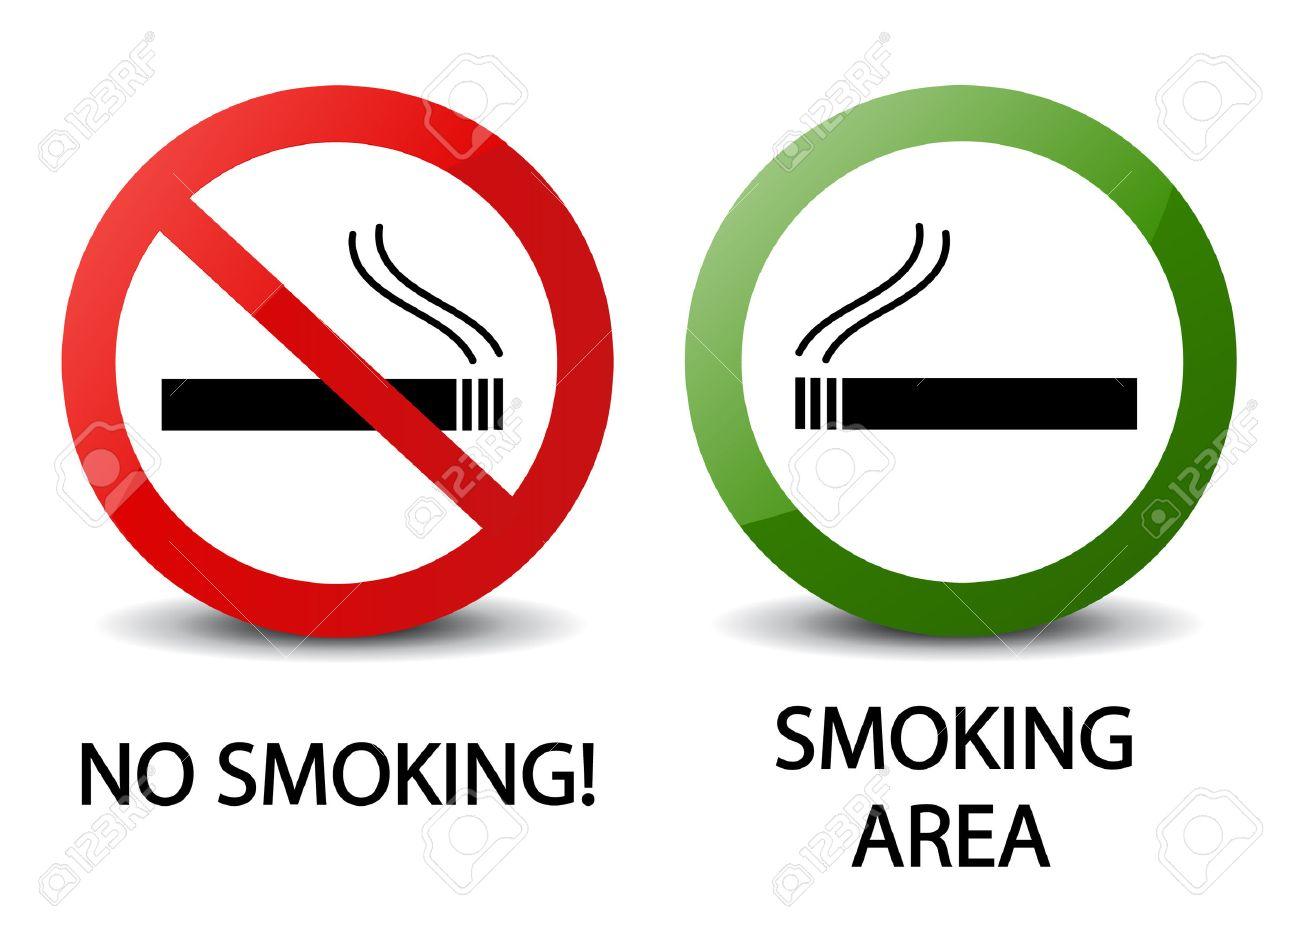 No smoking and smoking area signs - 30680636